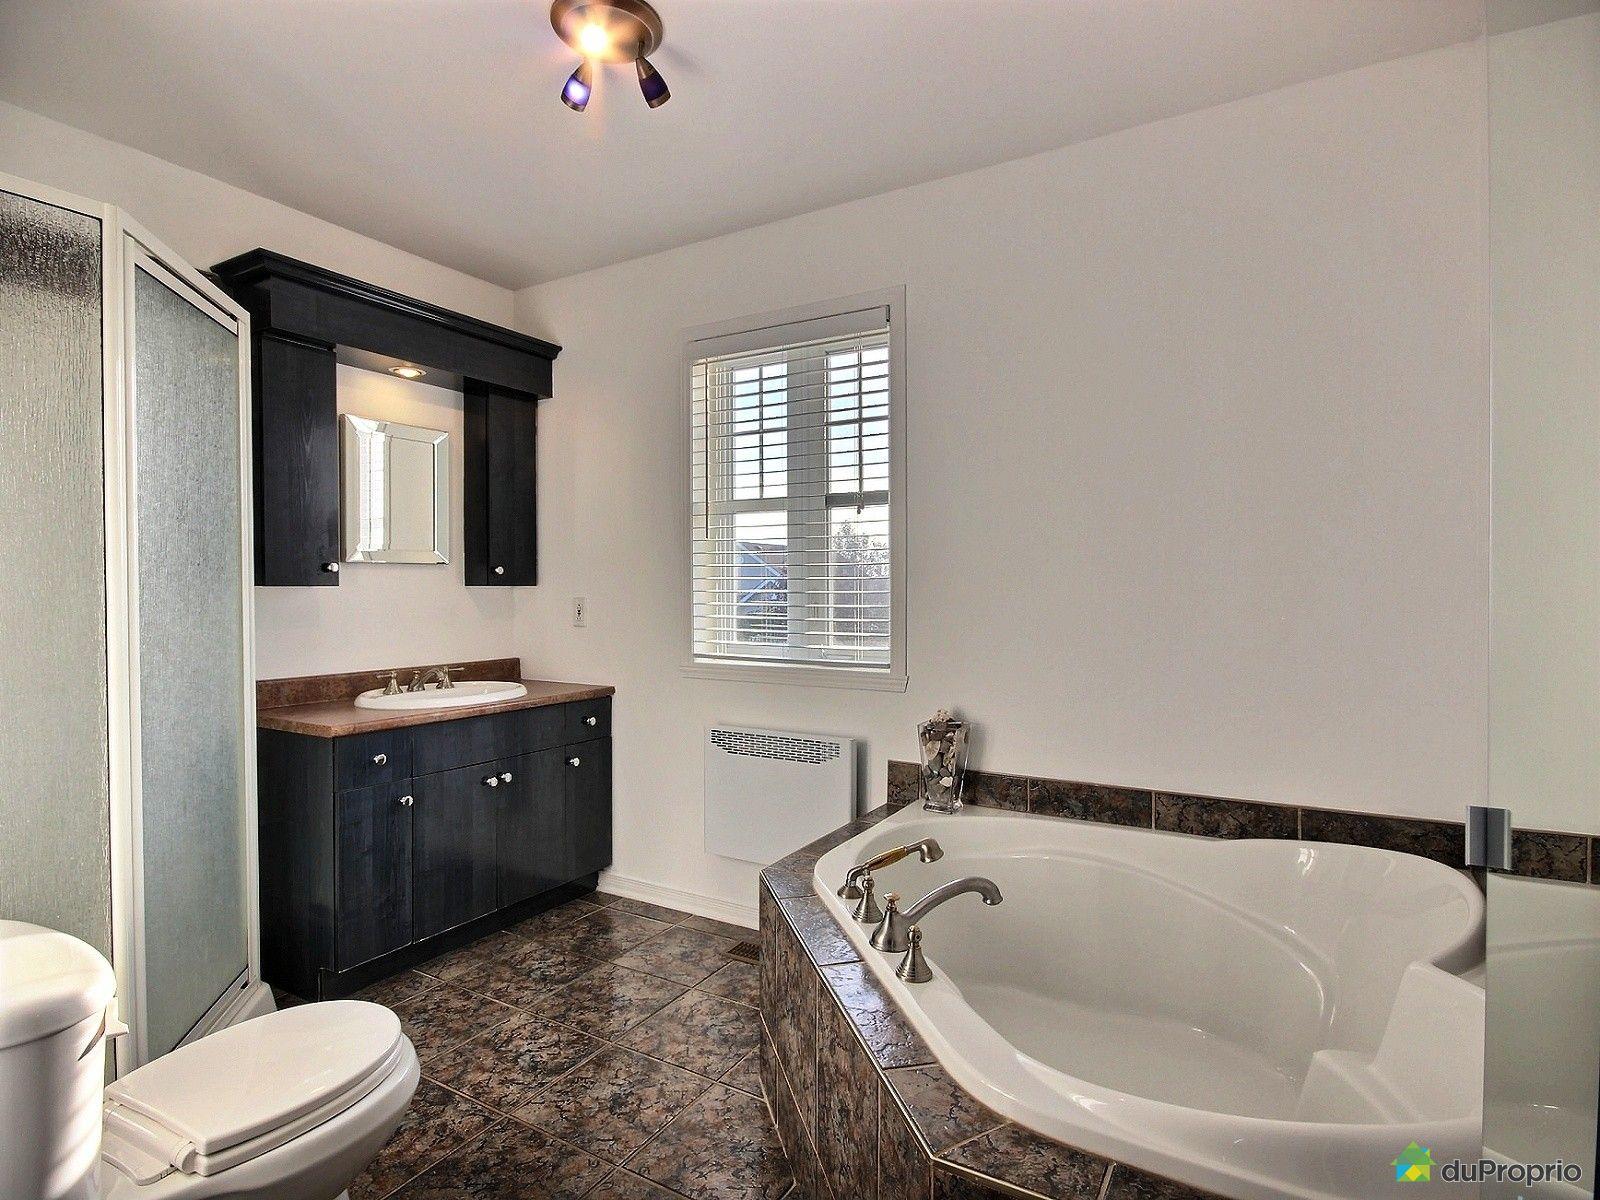 Maison vendre st eustache 553 rue des chrysanth mes for Salle de bain 25 st eustache